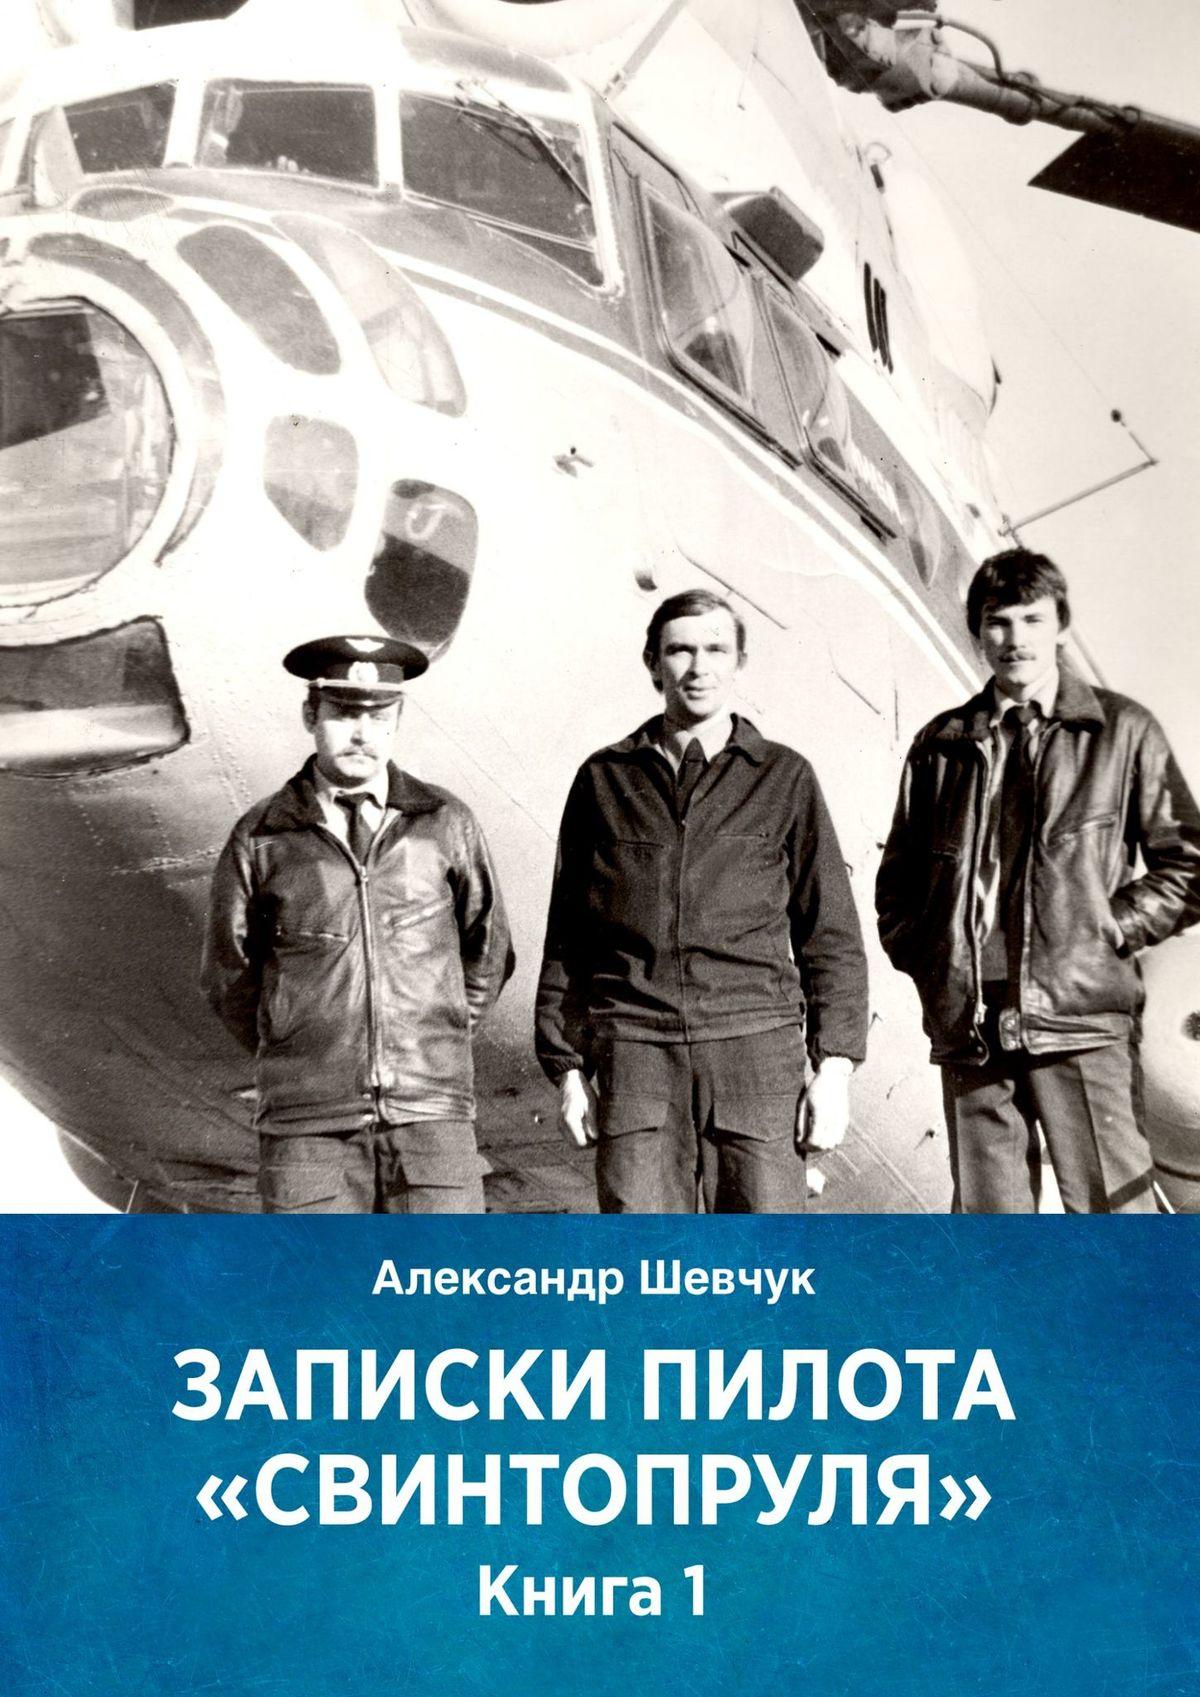 цена на Александр Шевчук Записки пилота «Свинтопруля». Книга 1